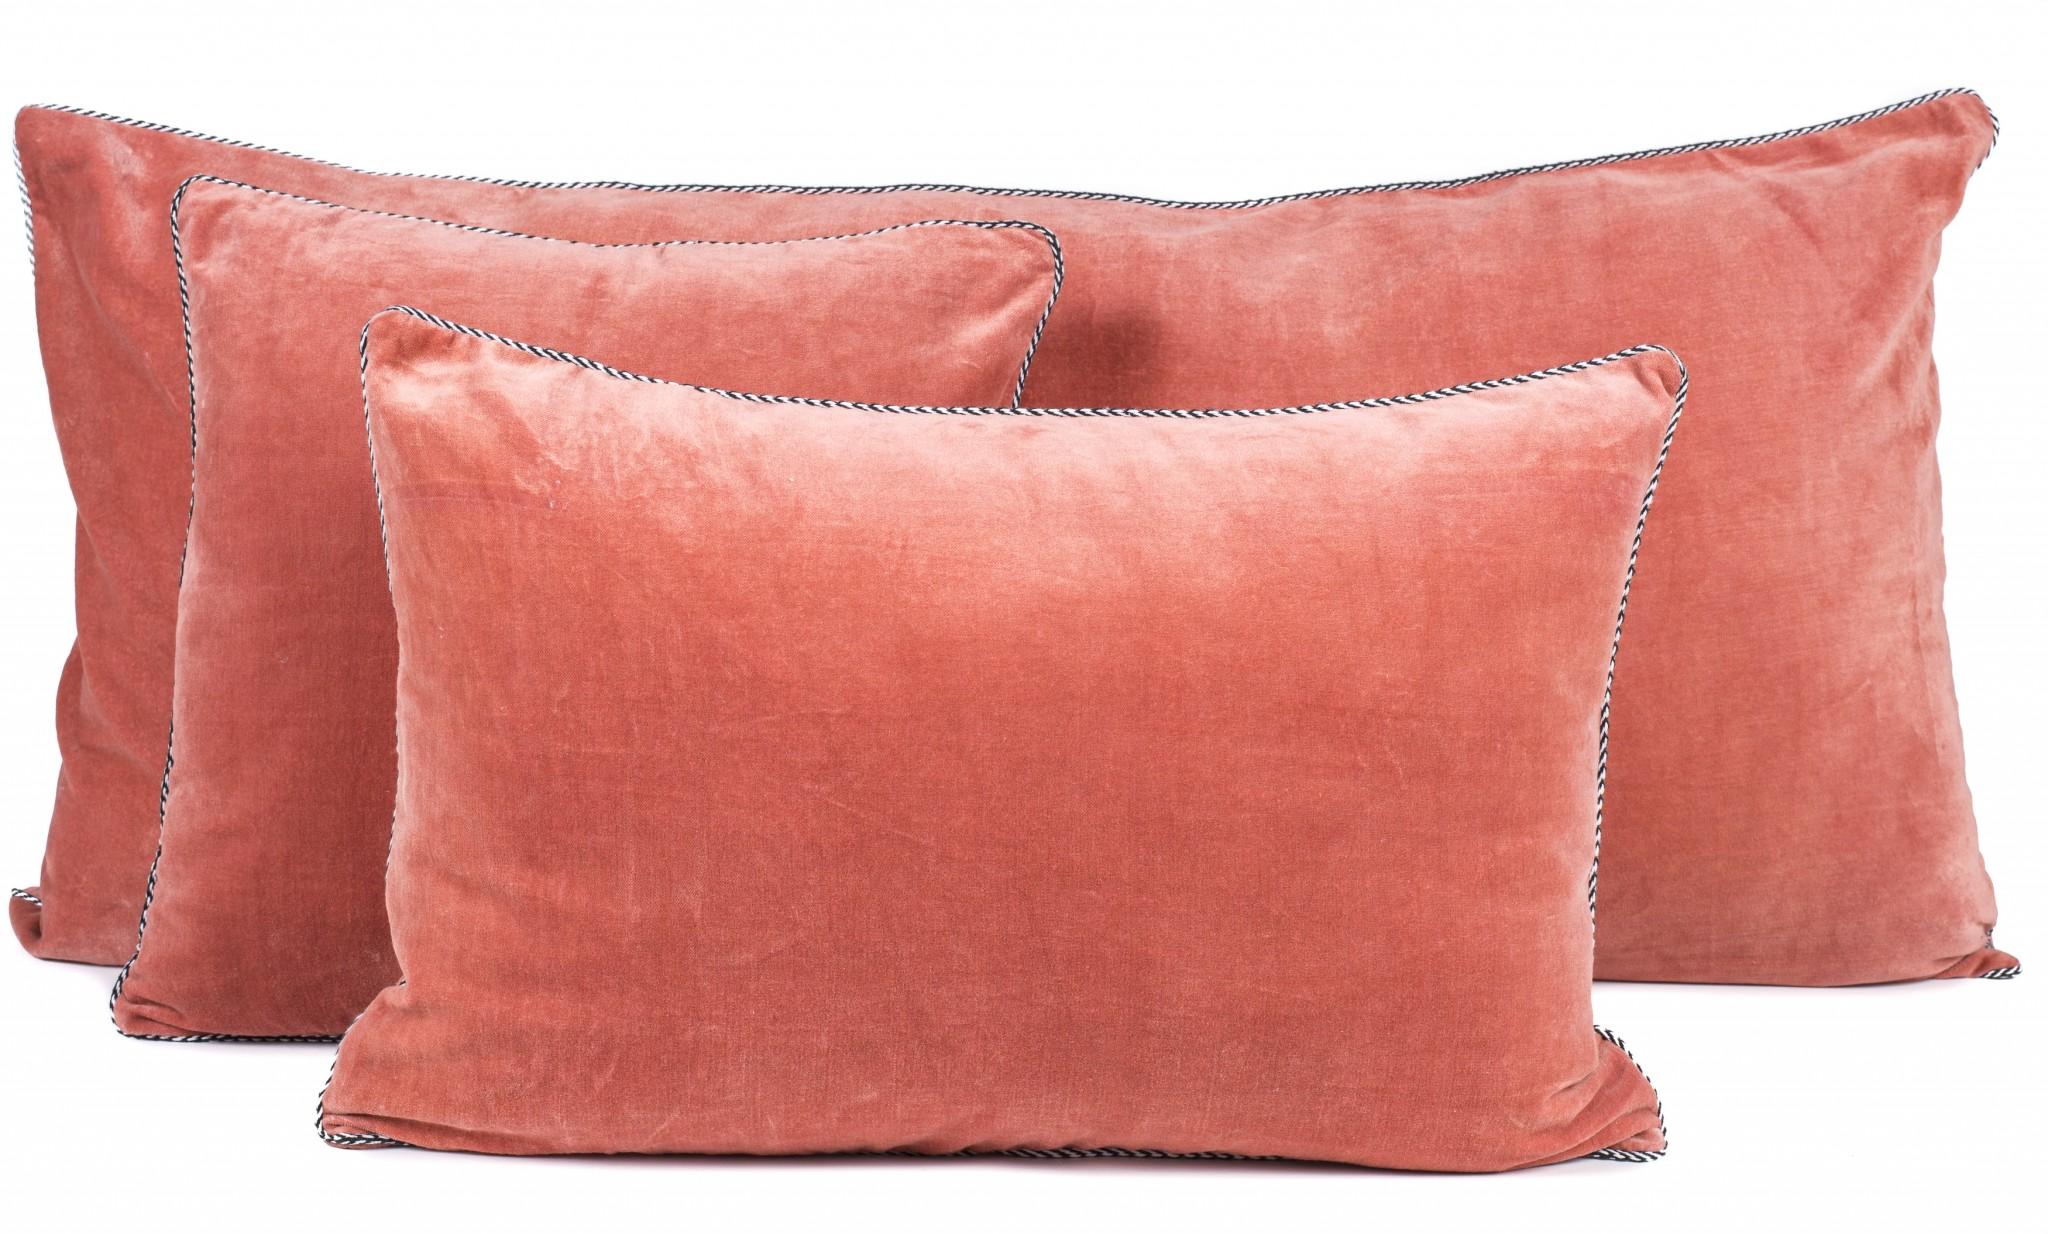 coussin velours DELHI   Housse de coussin velours de coton   40x60 cm   Pêche   Le  coussin velours